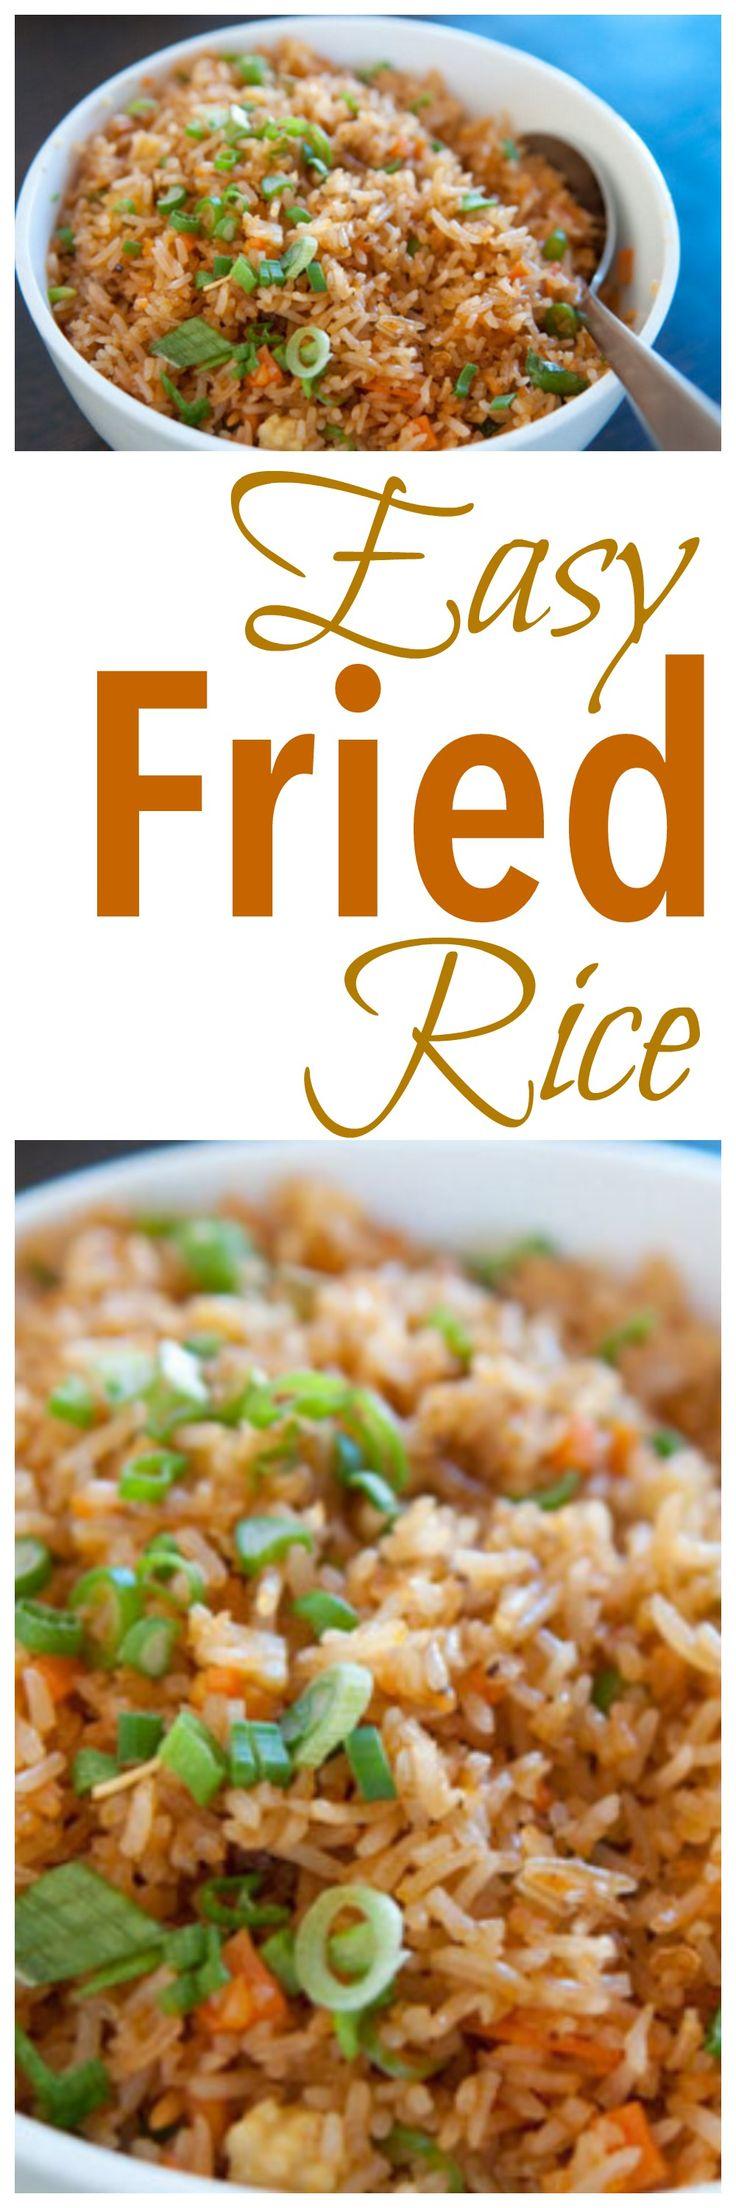 21 Day Fix Easy Fried Rice #21dayfix #21dayfixfriedrice #21dayfixrice #friedrice #rice #cleaneating #cleaneatingfriedrice #cleaneatingrice